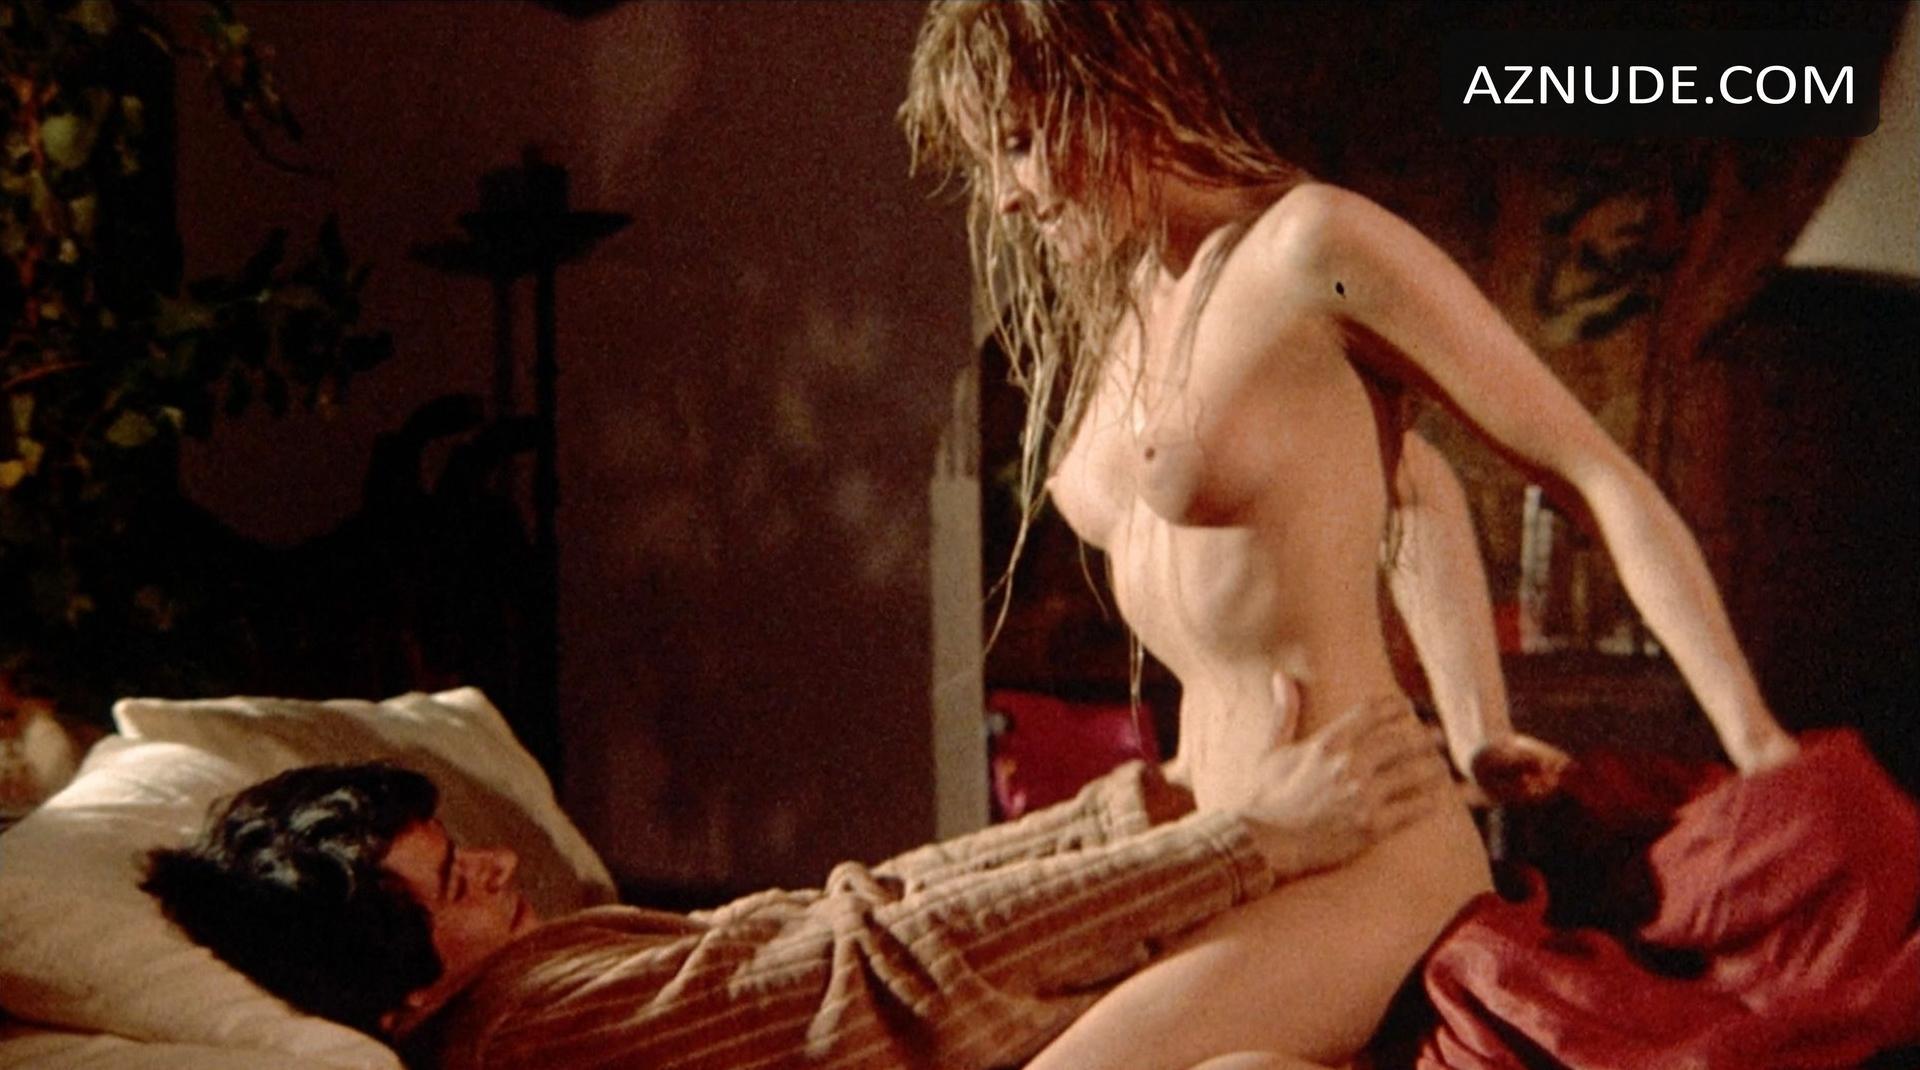 Not bo derek sex scenes can you